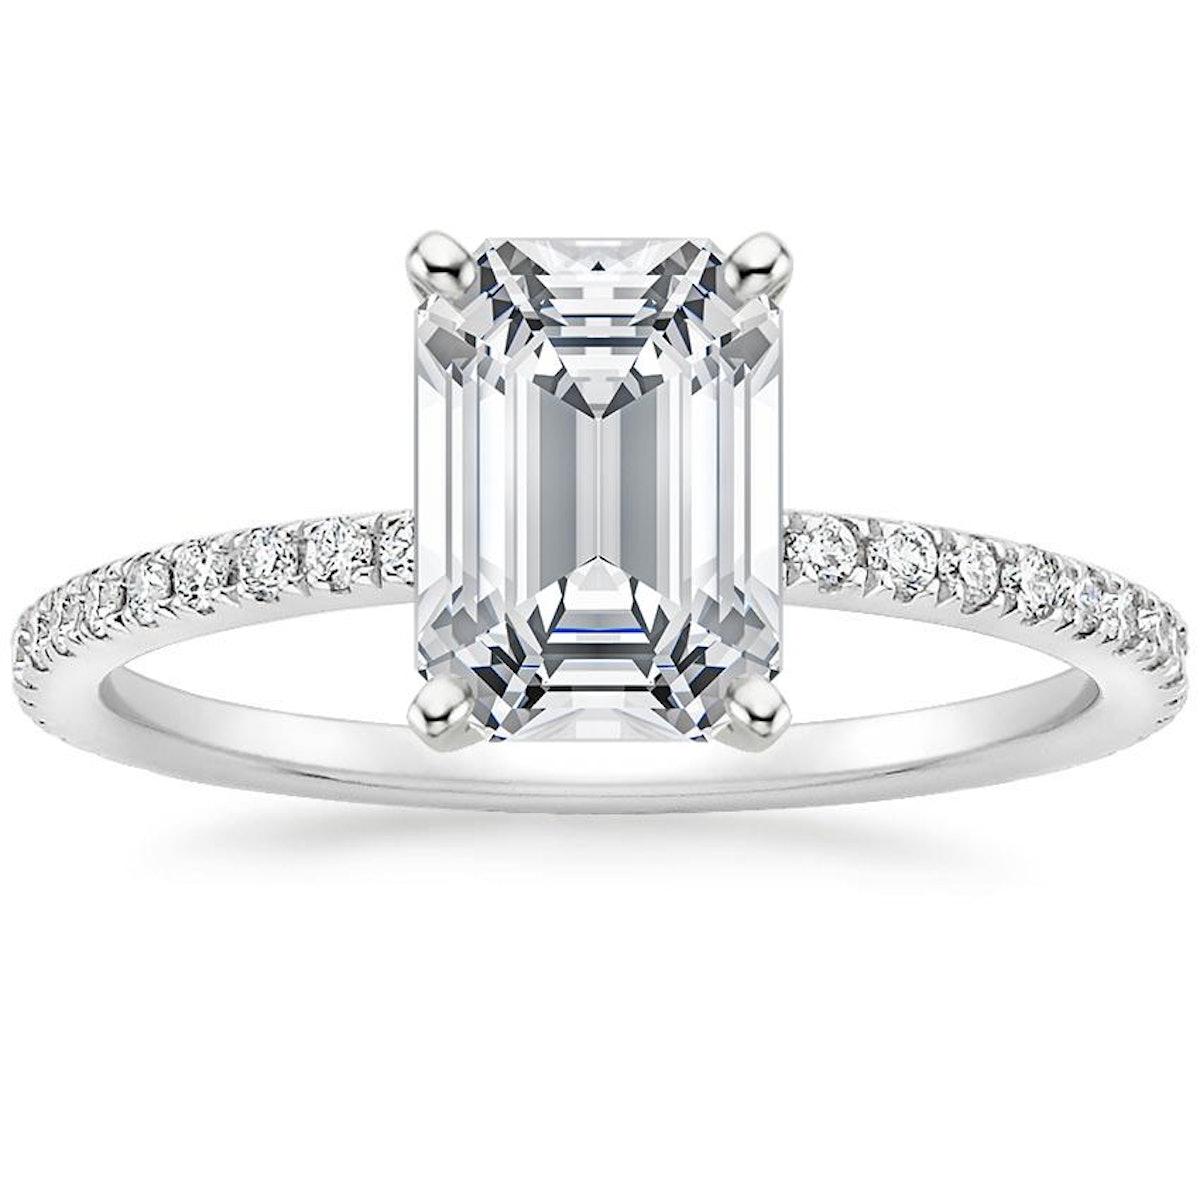 Luxe Ballad Diamond Ring